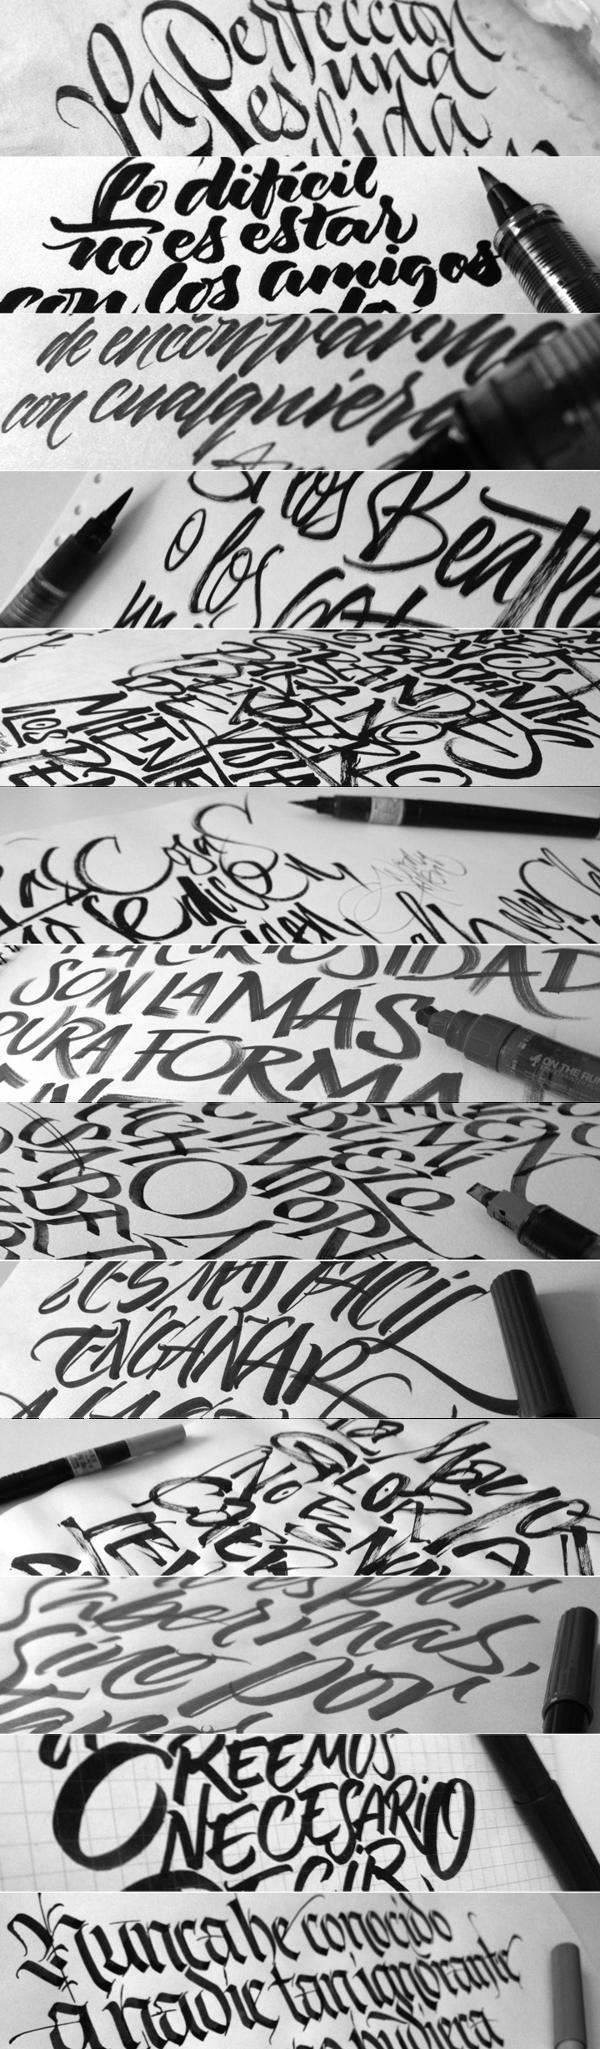 Coca cola zero calligraphy by joluvian via behance